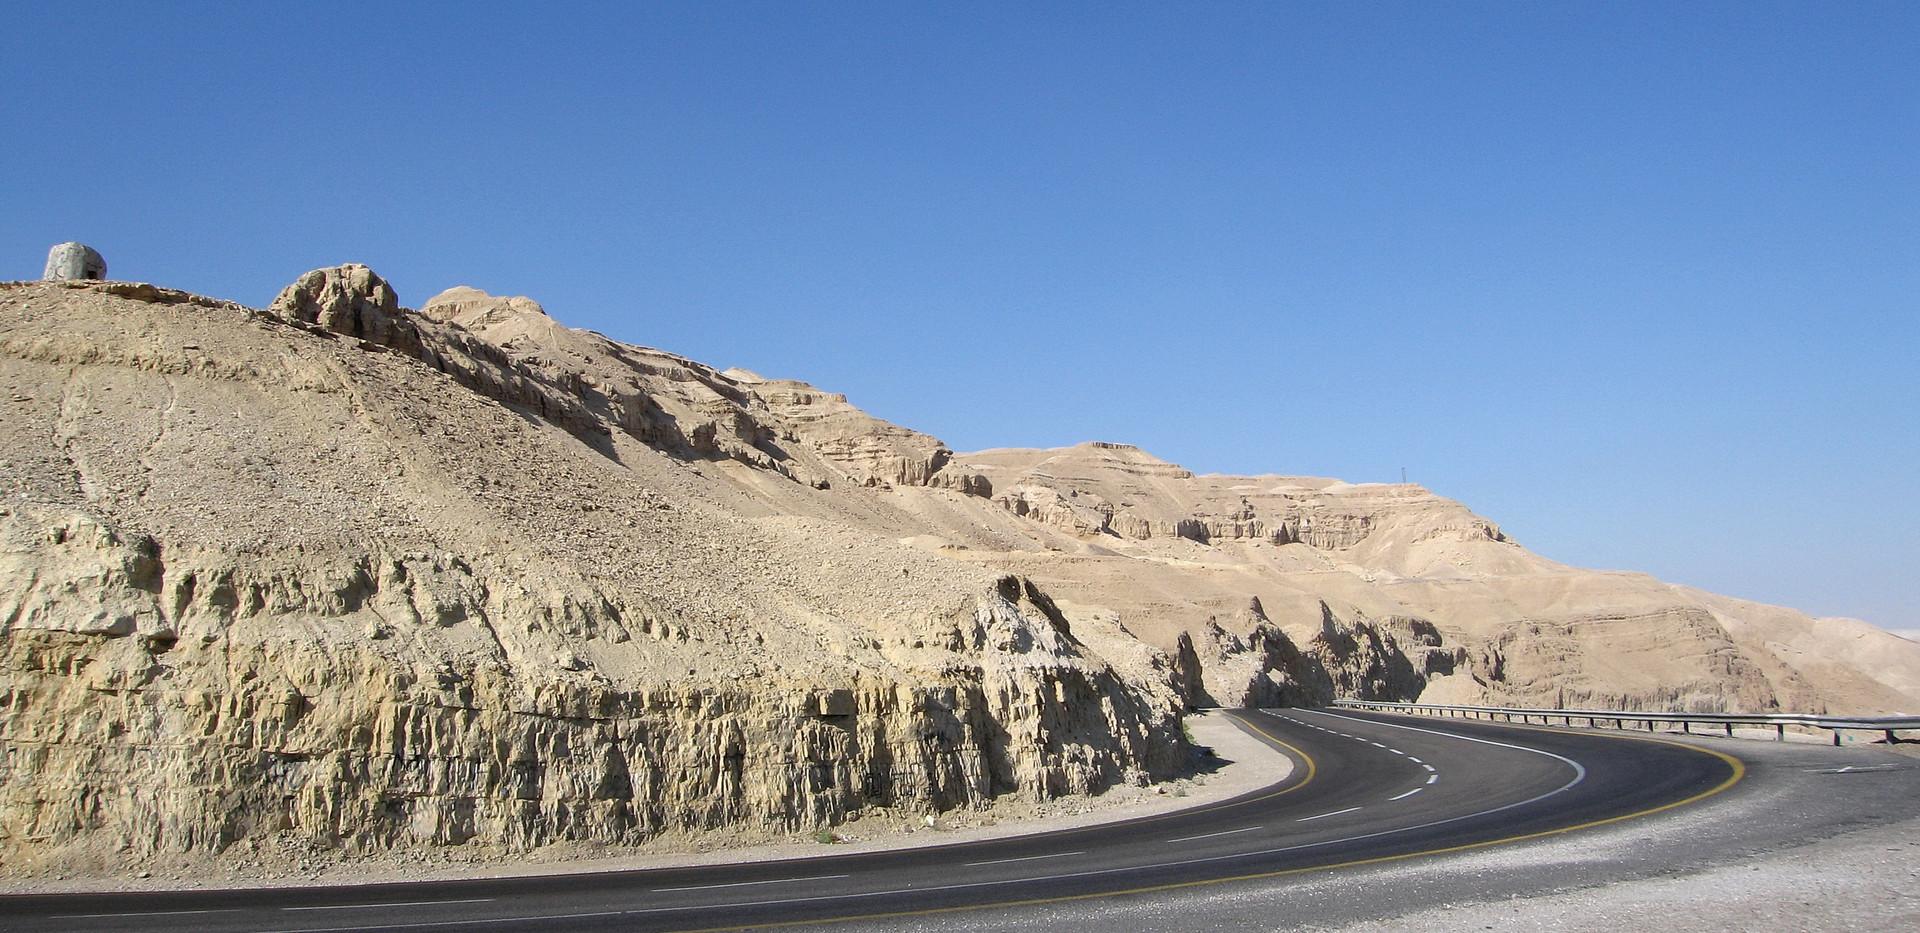 074 Dead Sea.JPG